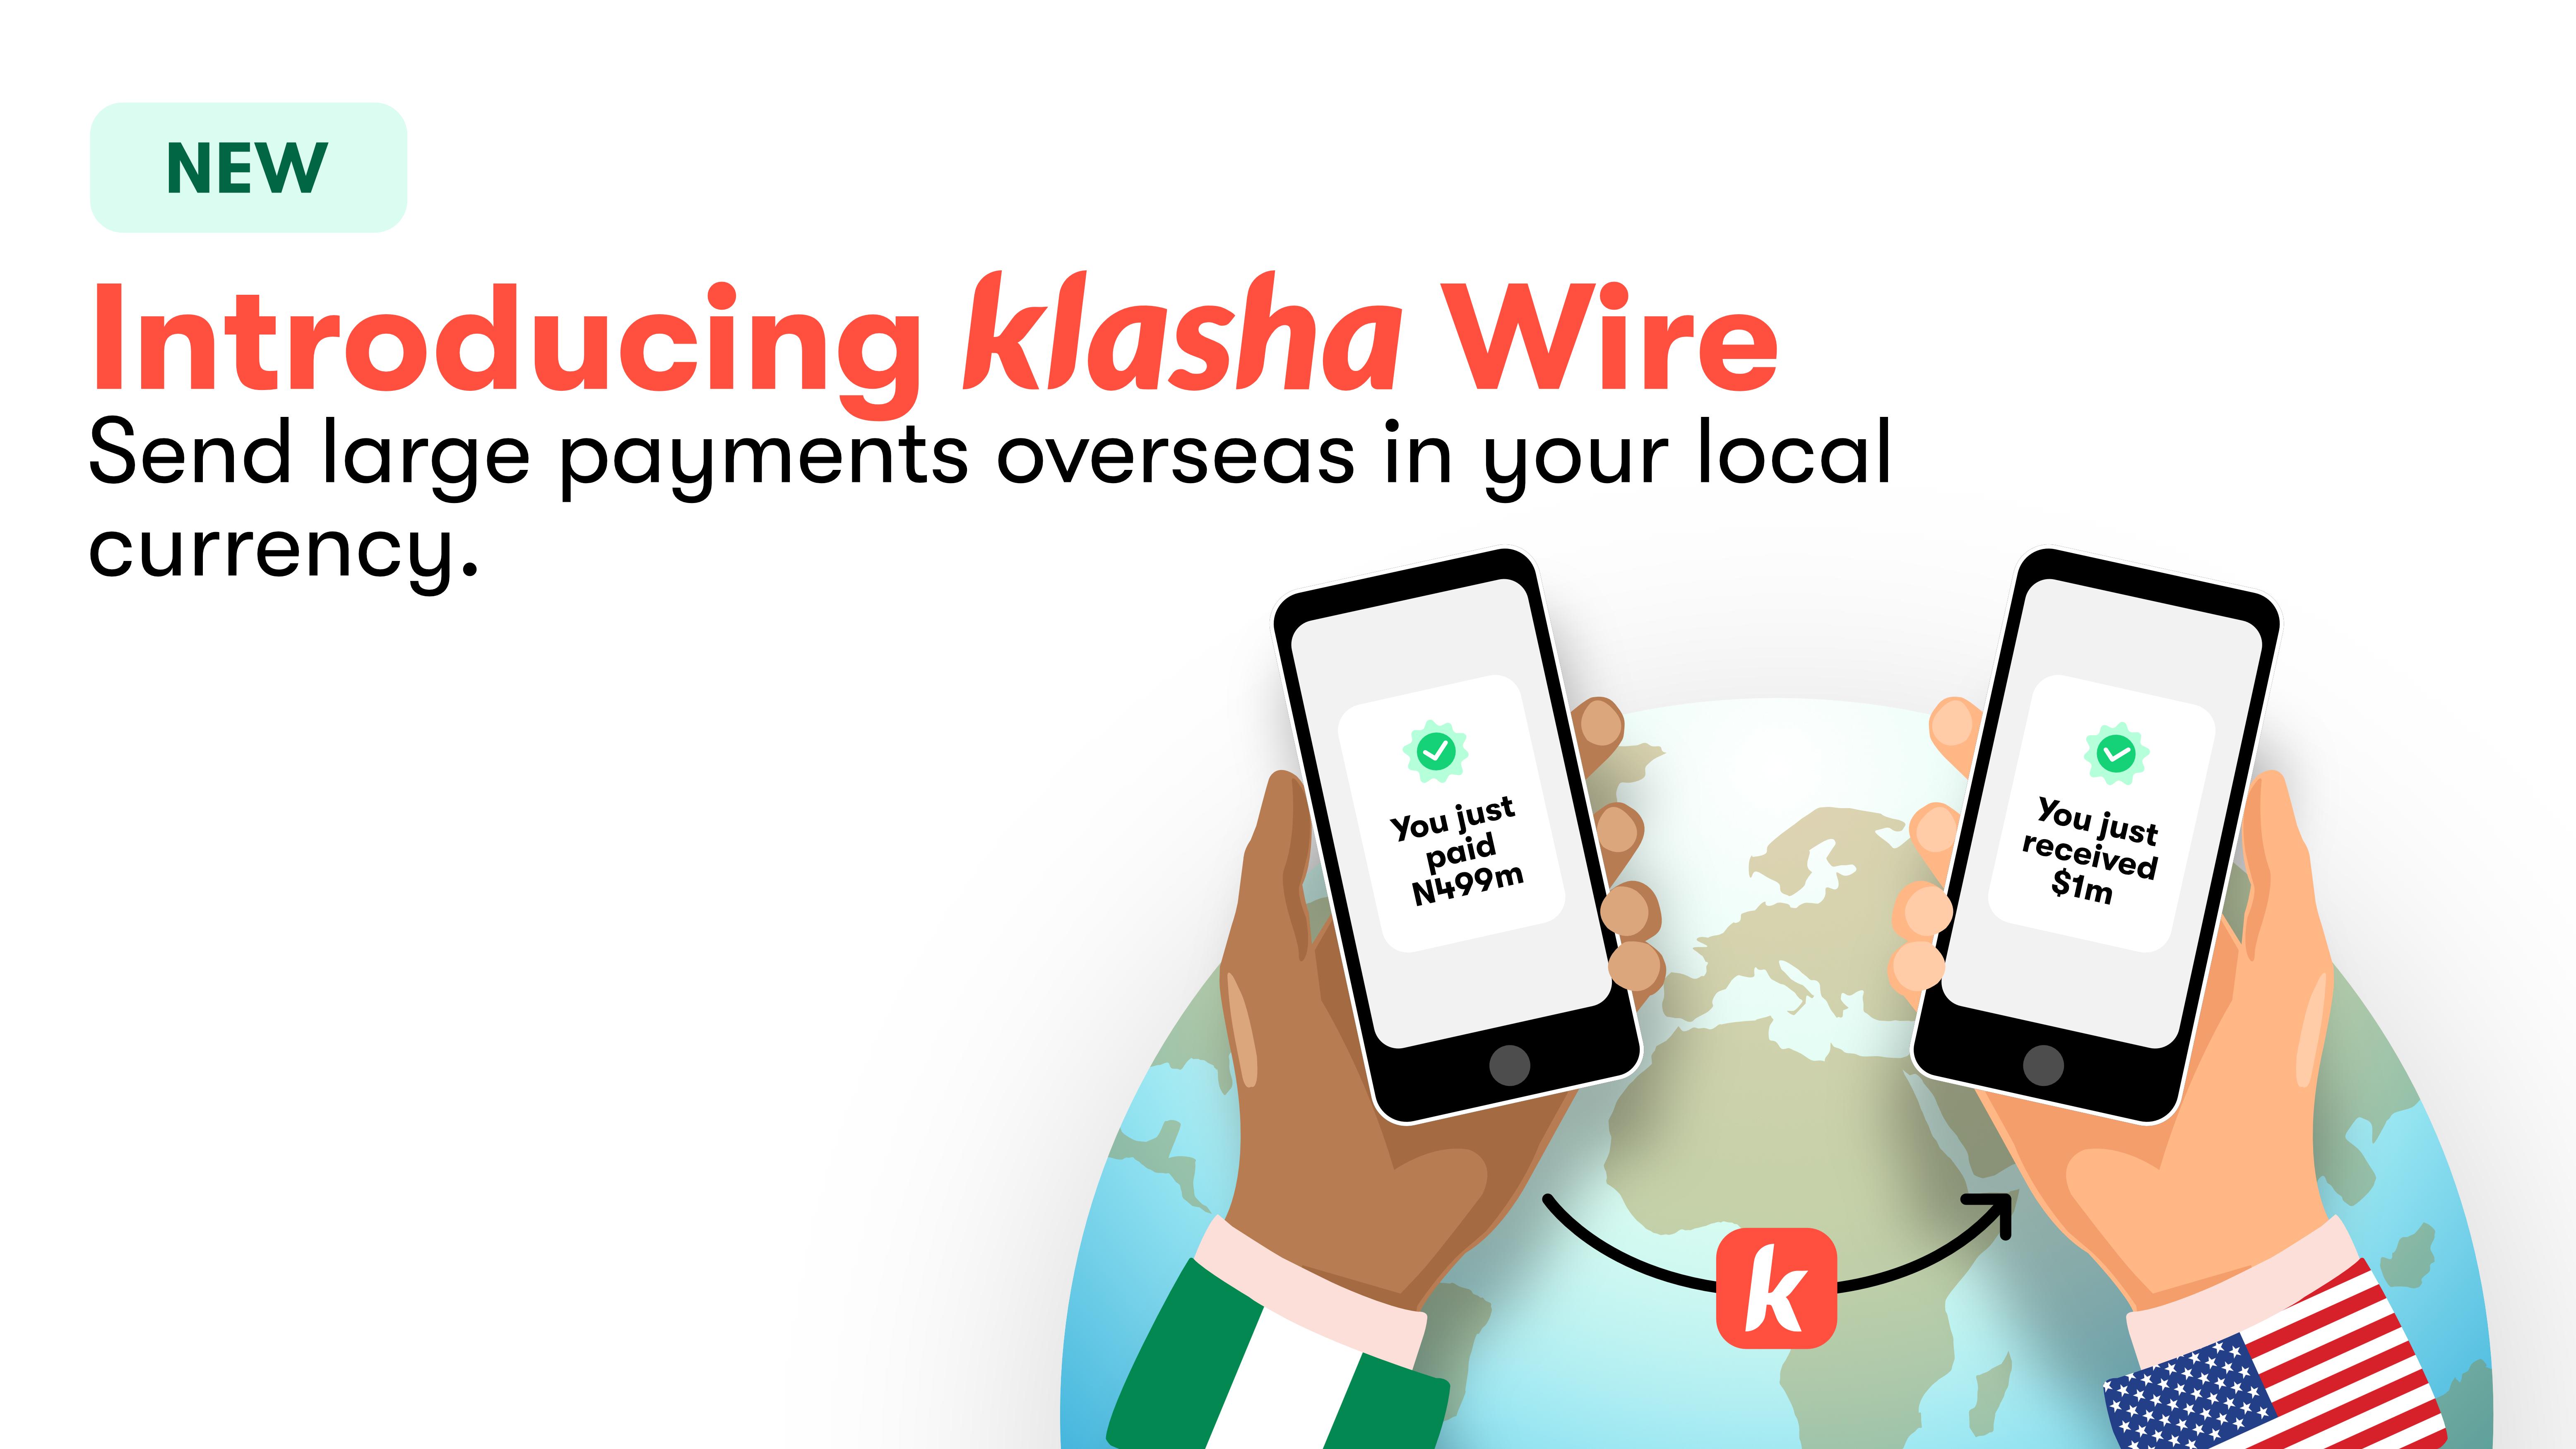 Introducing Klasha Wire